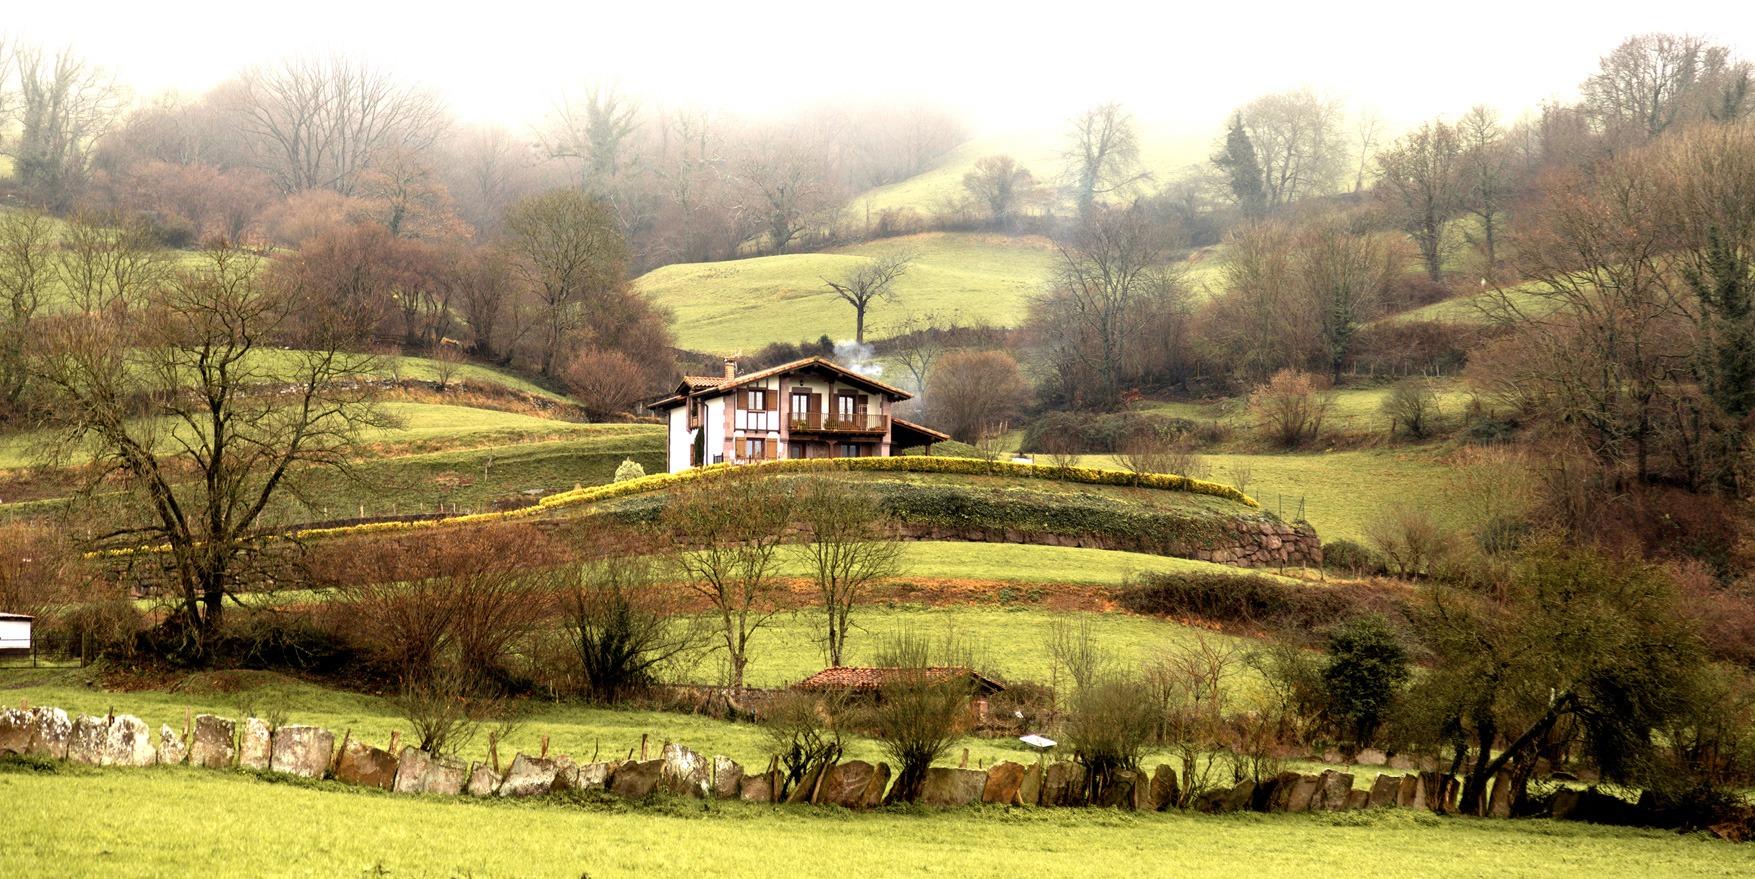 Fitur Turismo rural